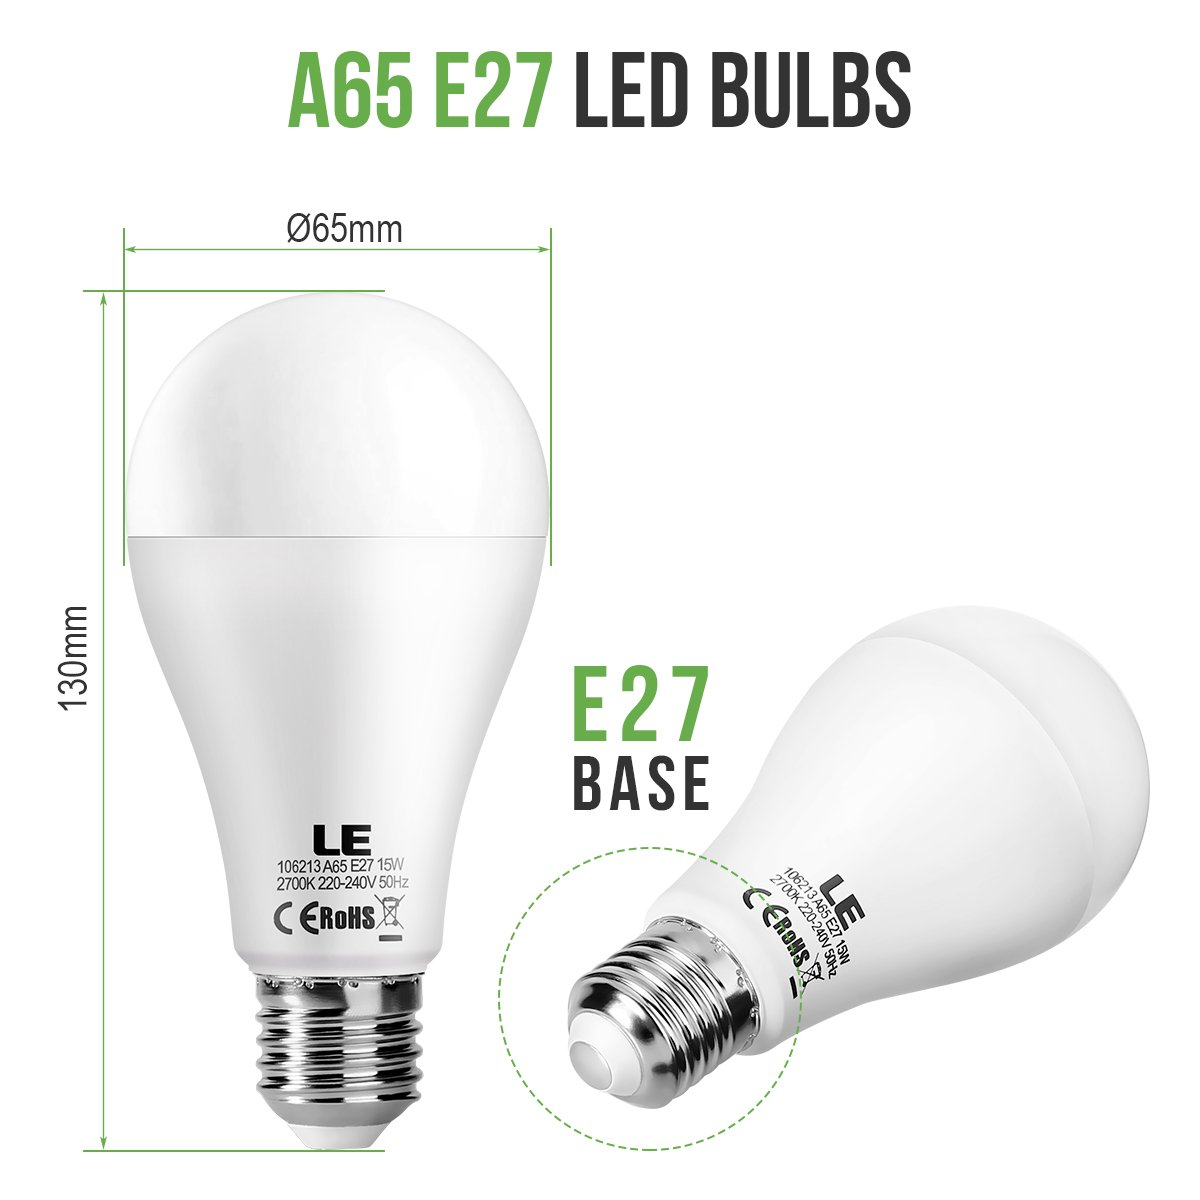 LE Bombillas LED E27 15W, Luz blanca cálida 2700K, Casquillo E27 estándar, no regulable, Iluminación principal, Pack de 2: Amazon.es: Iluminación